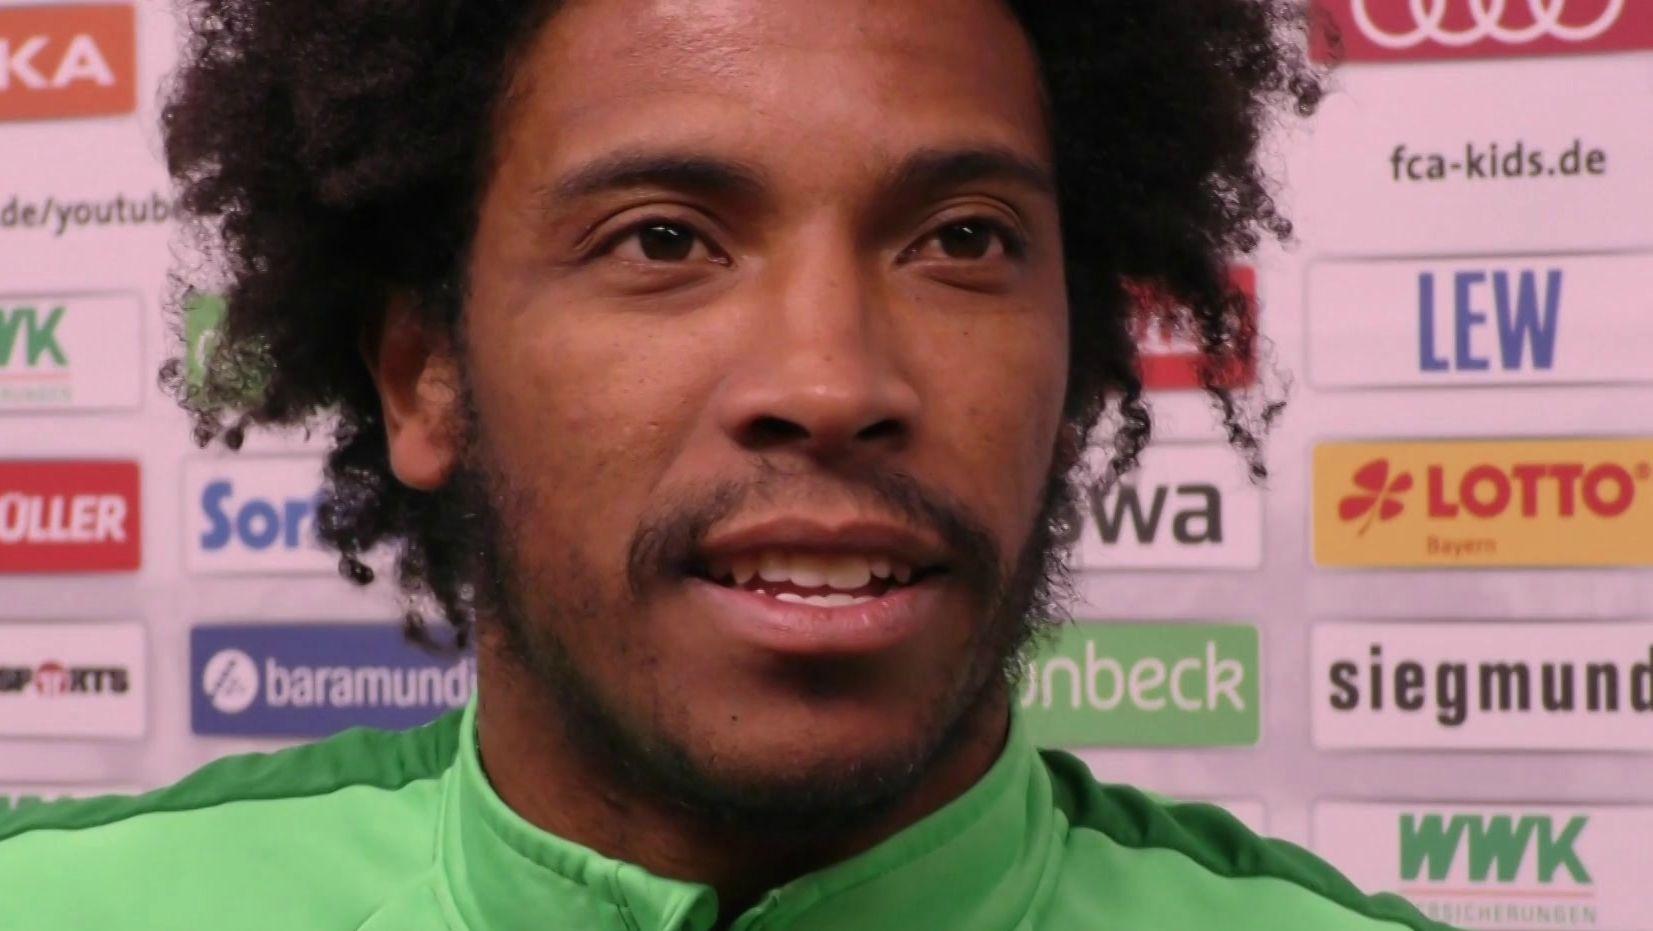 Fußball-Profi Caiuby muss sich wegen Körperverletzung vor Gericht verantworten. Der Brasilianer bestreitet die Vorwürfe.